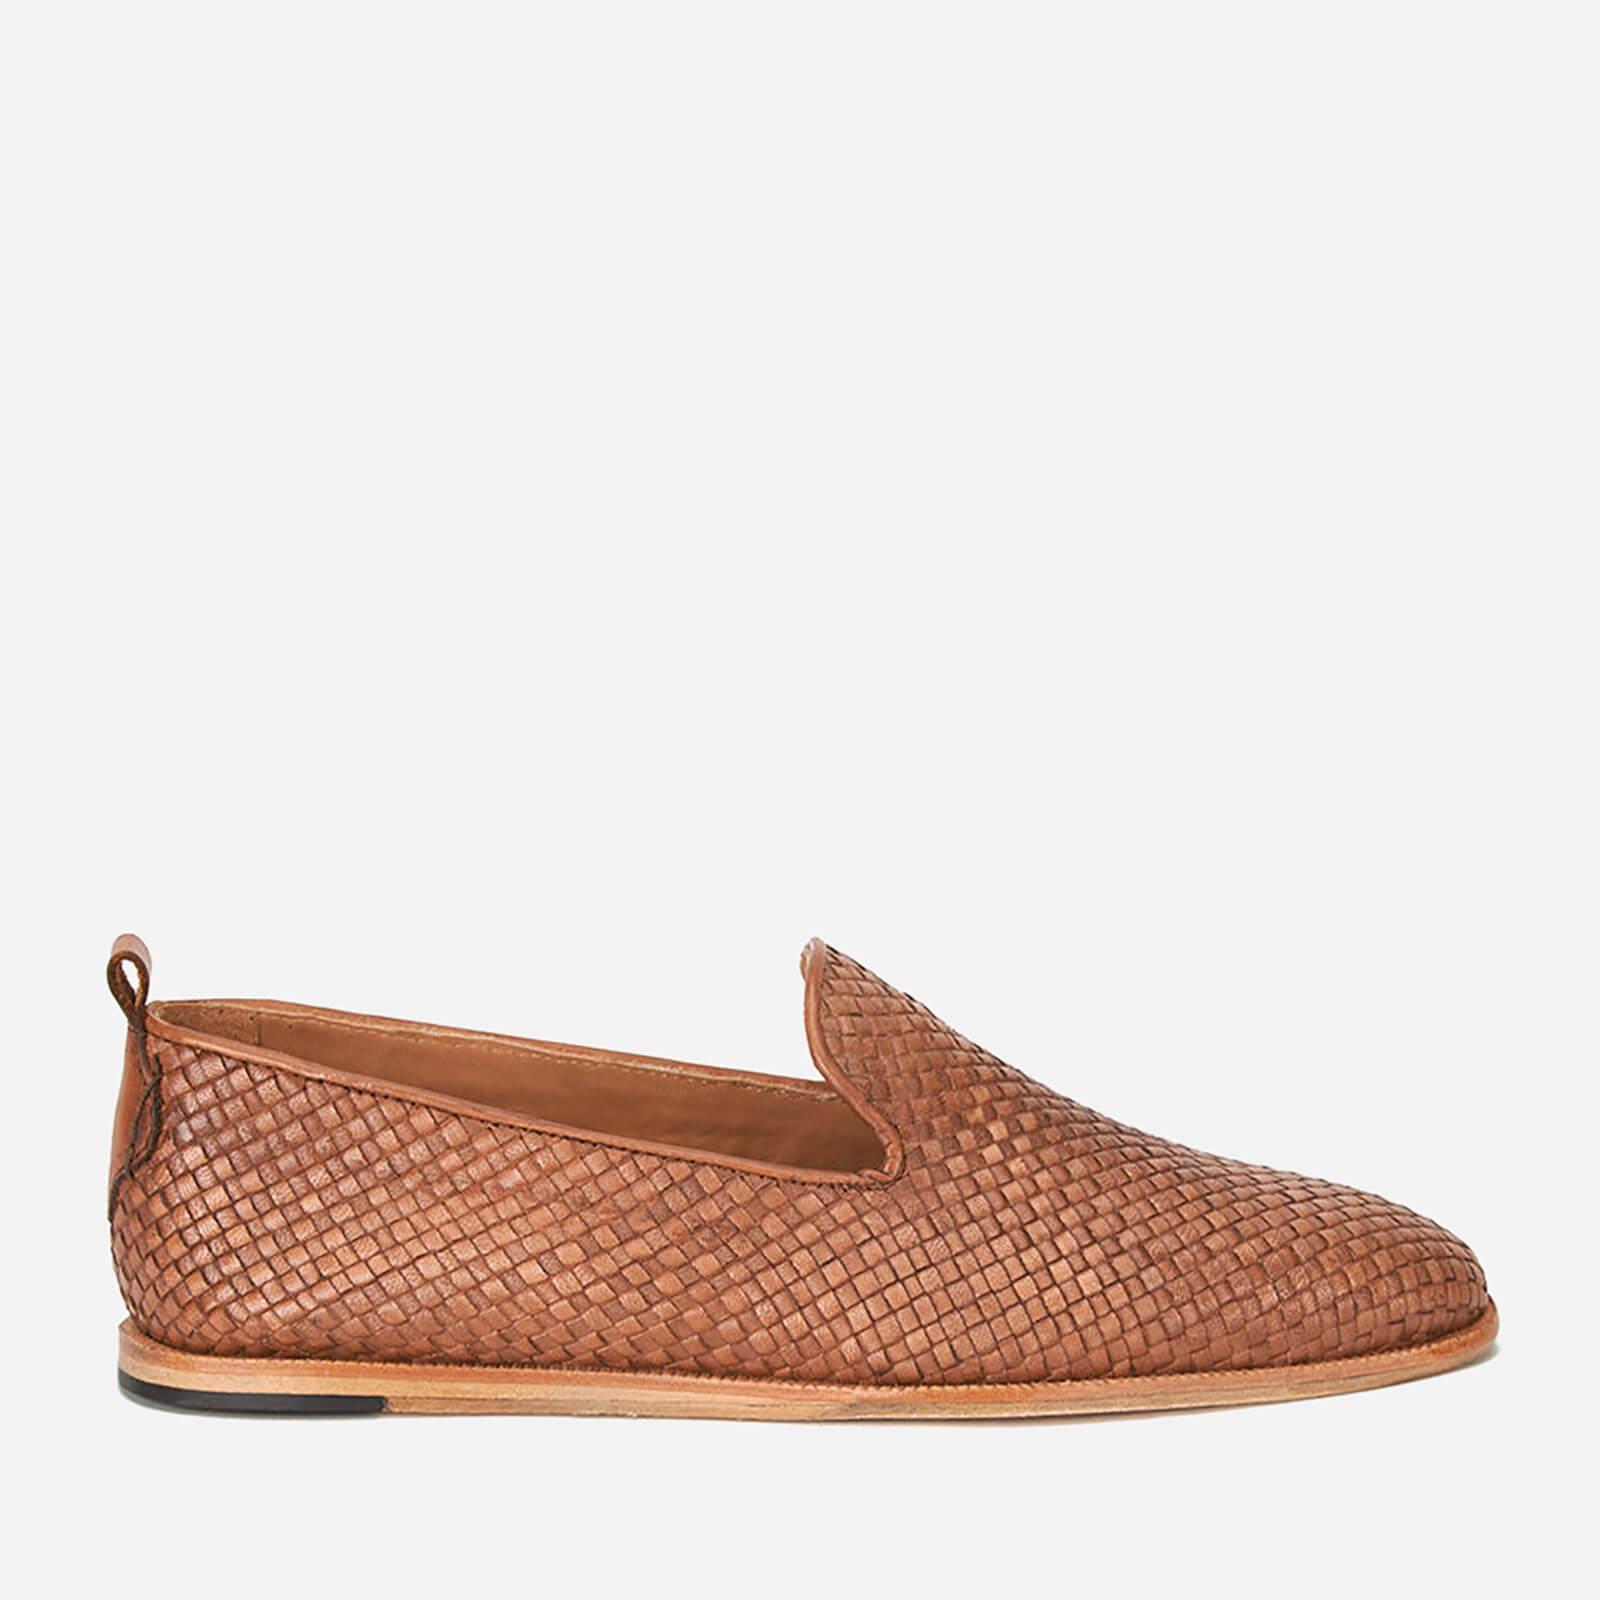 Hudson London Men's Ipanema Weave Slip on Leather Shoes - Tan - UK 7 - Tan